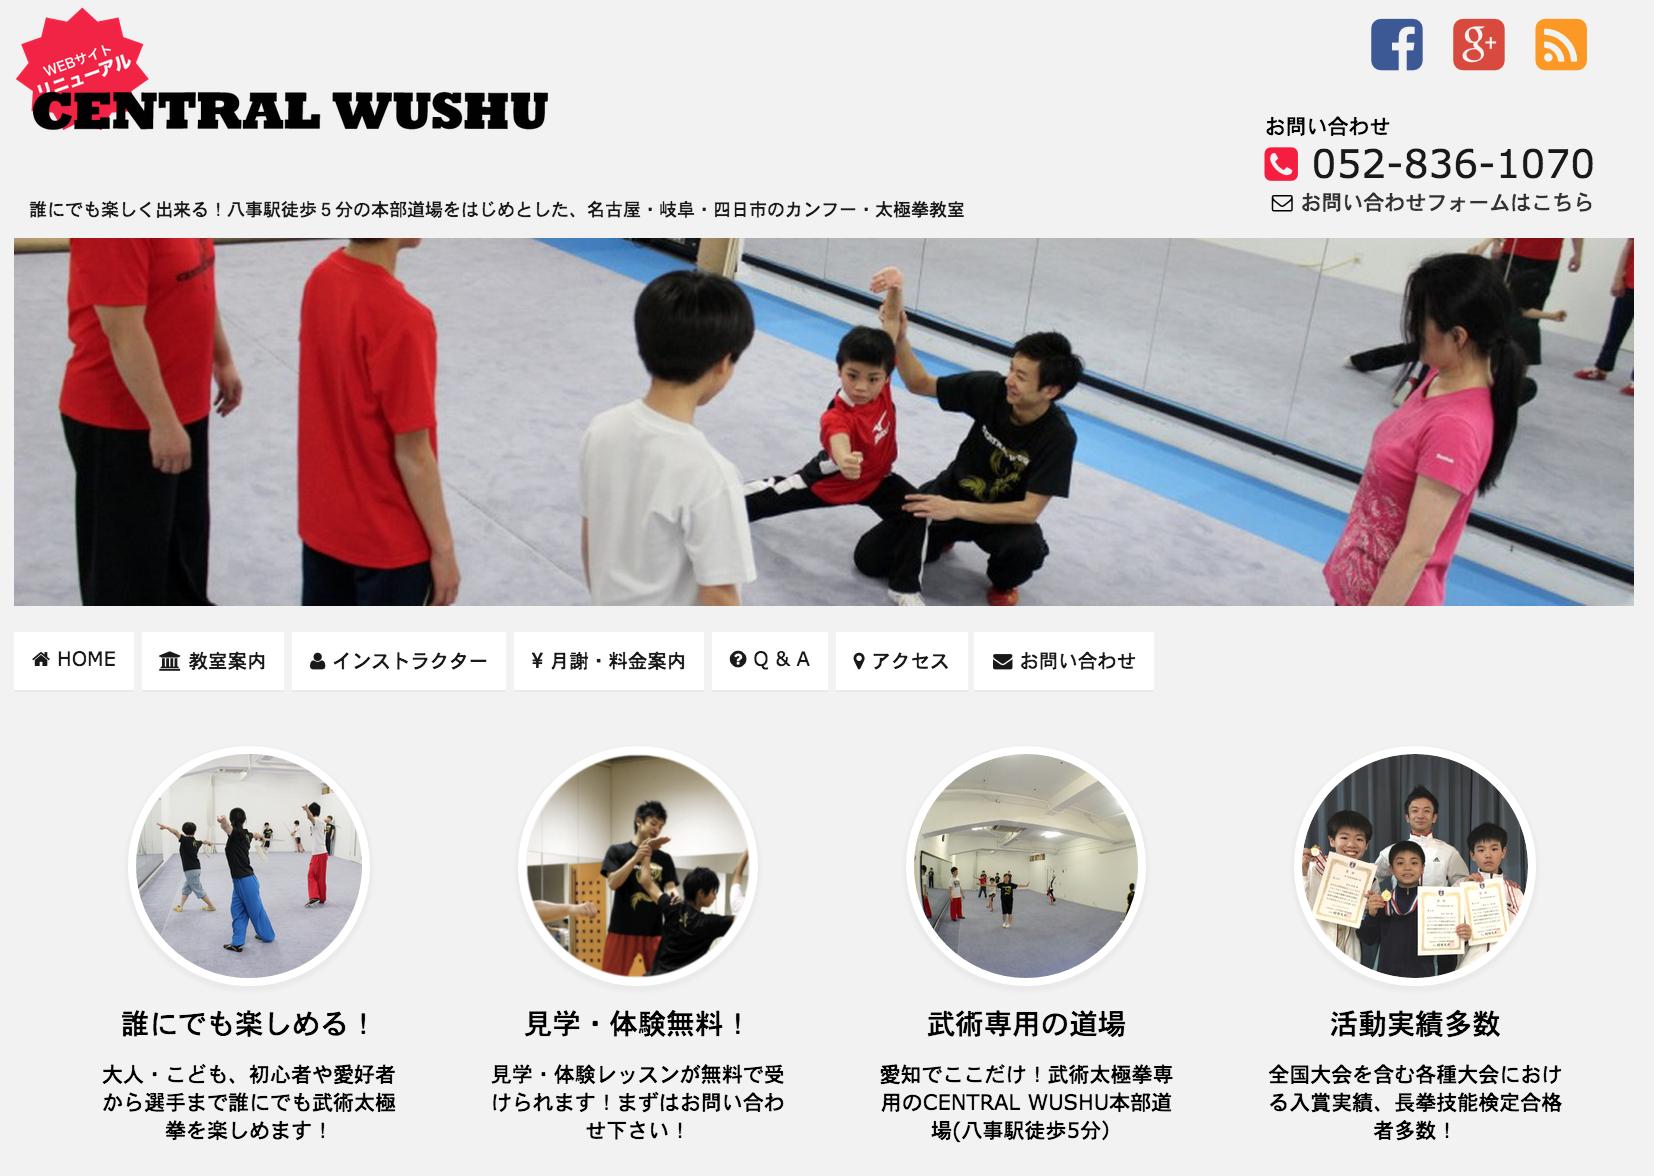 新WEBサイト